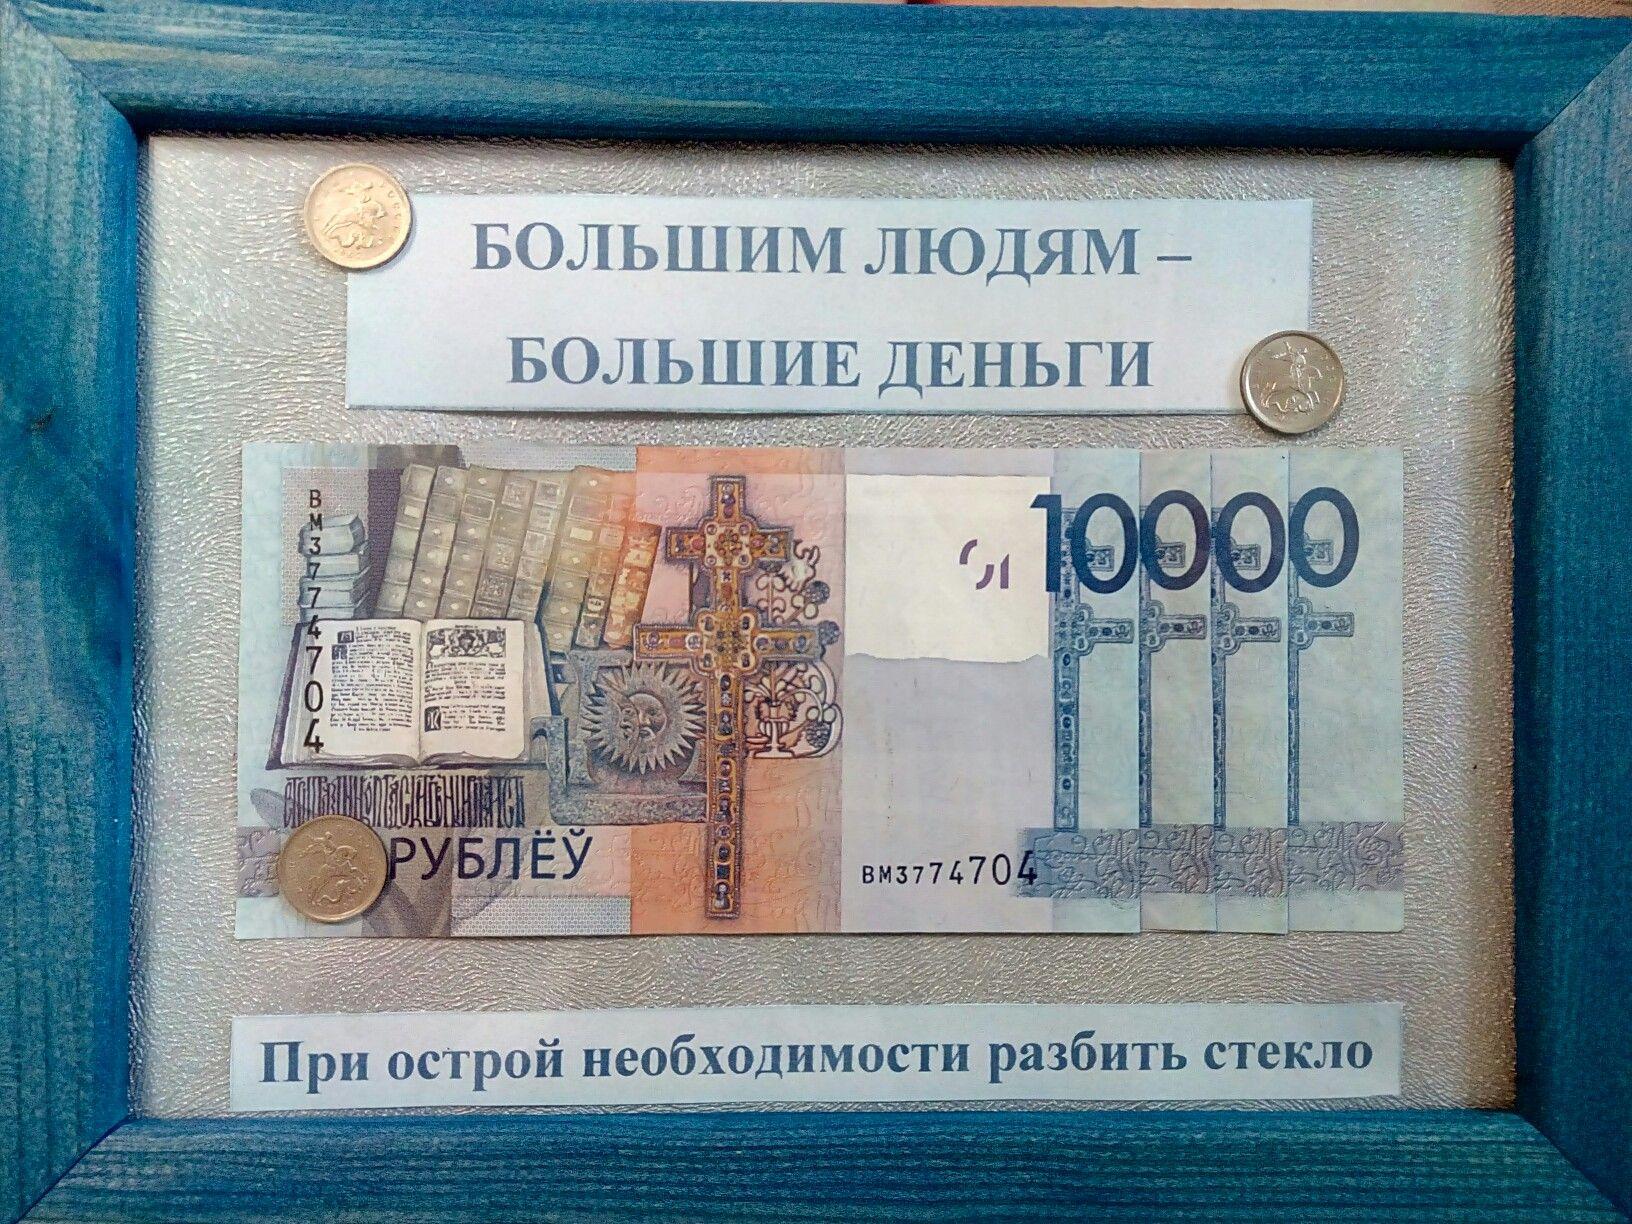 фото приколы как можно подарить деньги листовые химеры